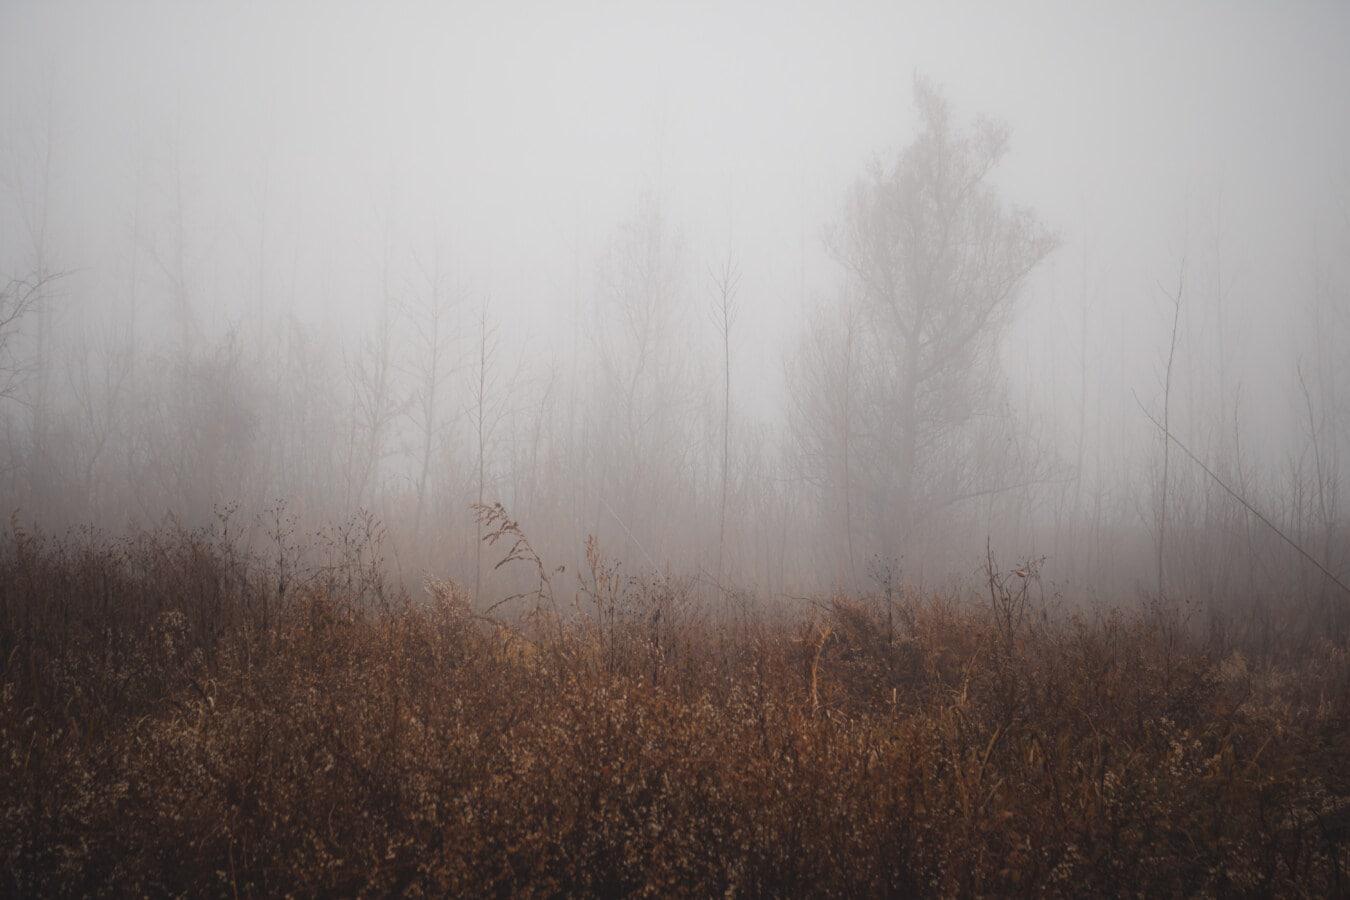 hmla, jesennej sezóny, hmla, kríky, les, ráno, svitania, Príroda, drevo, strom